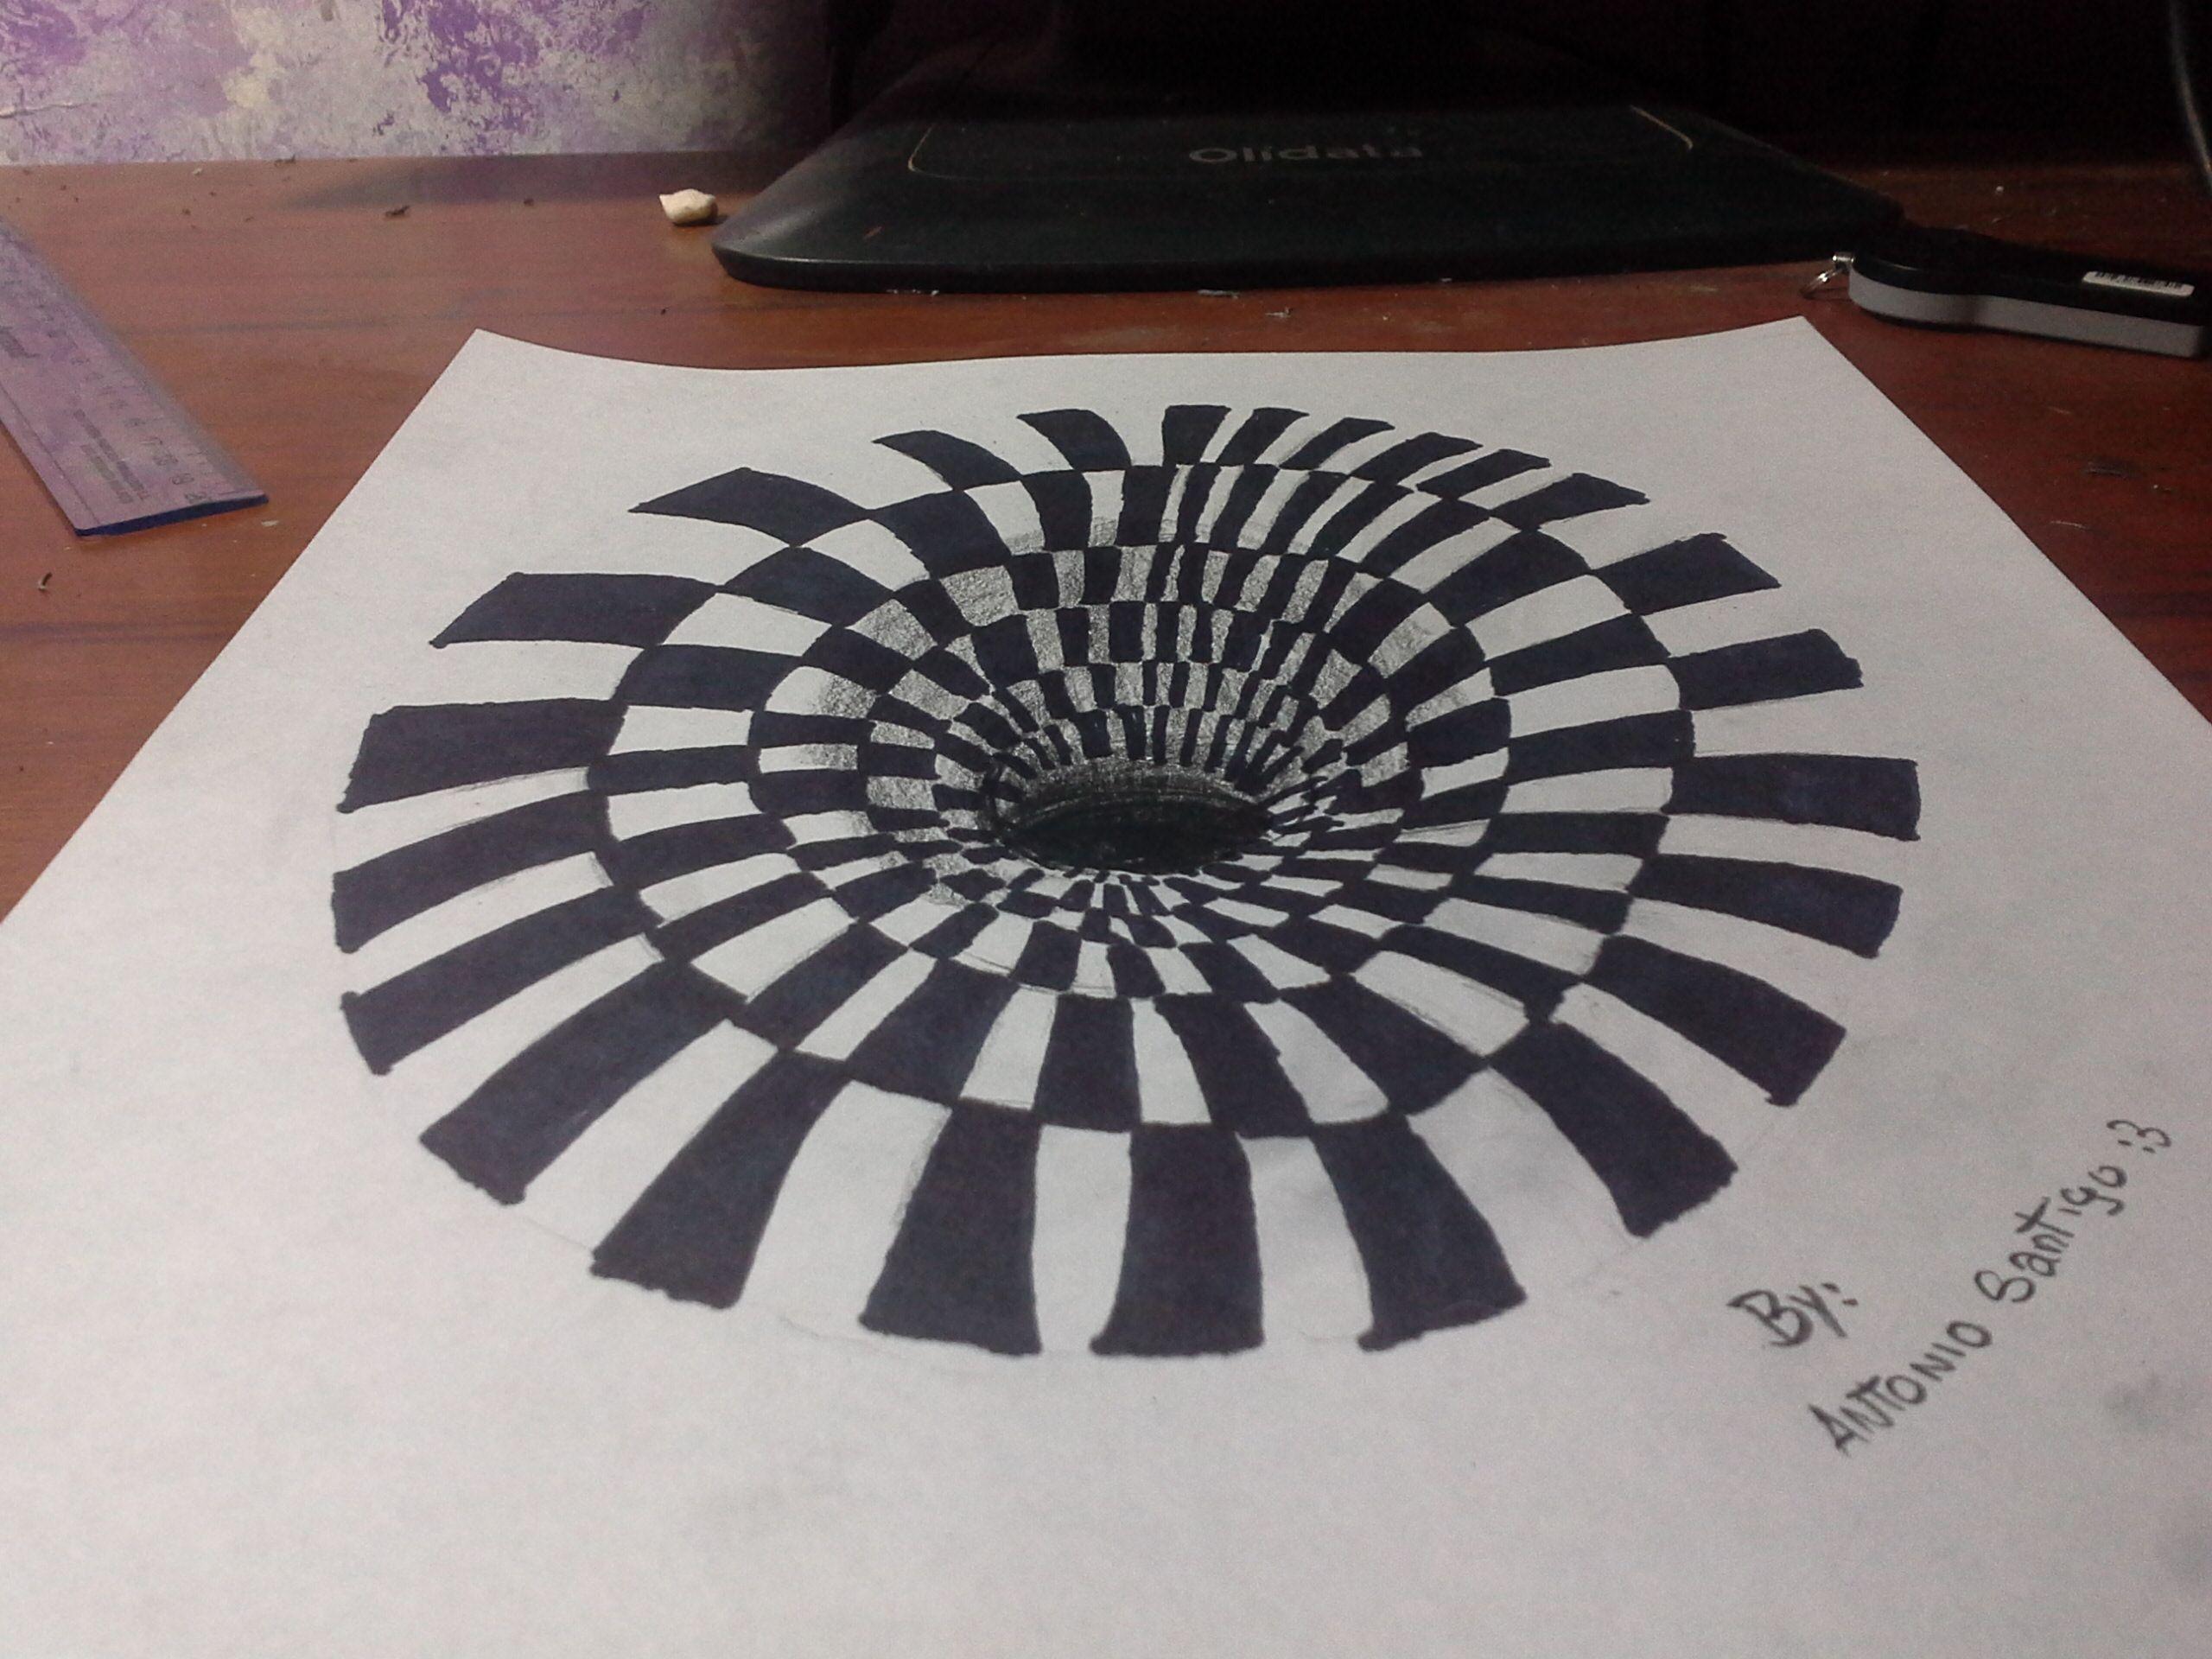 Dibujo agujero 3d dibujos pinterest 3d - Ilusiones opticas para imprimir ...